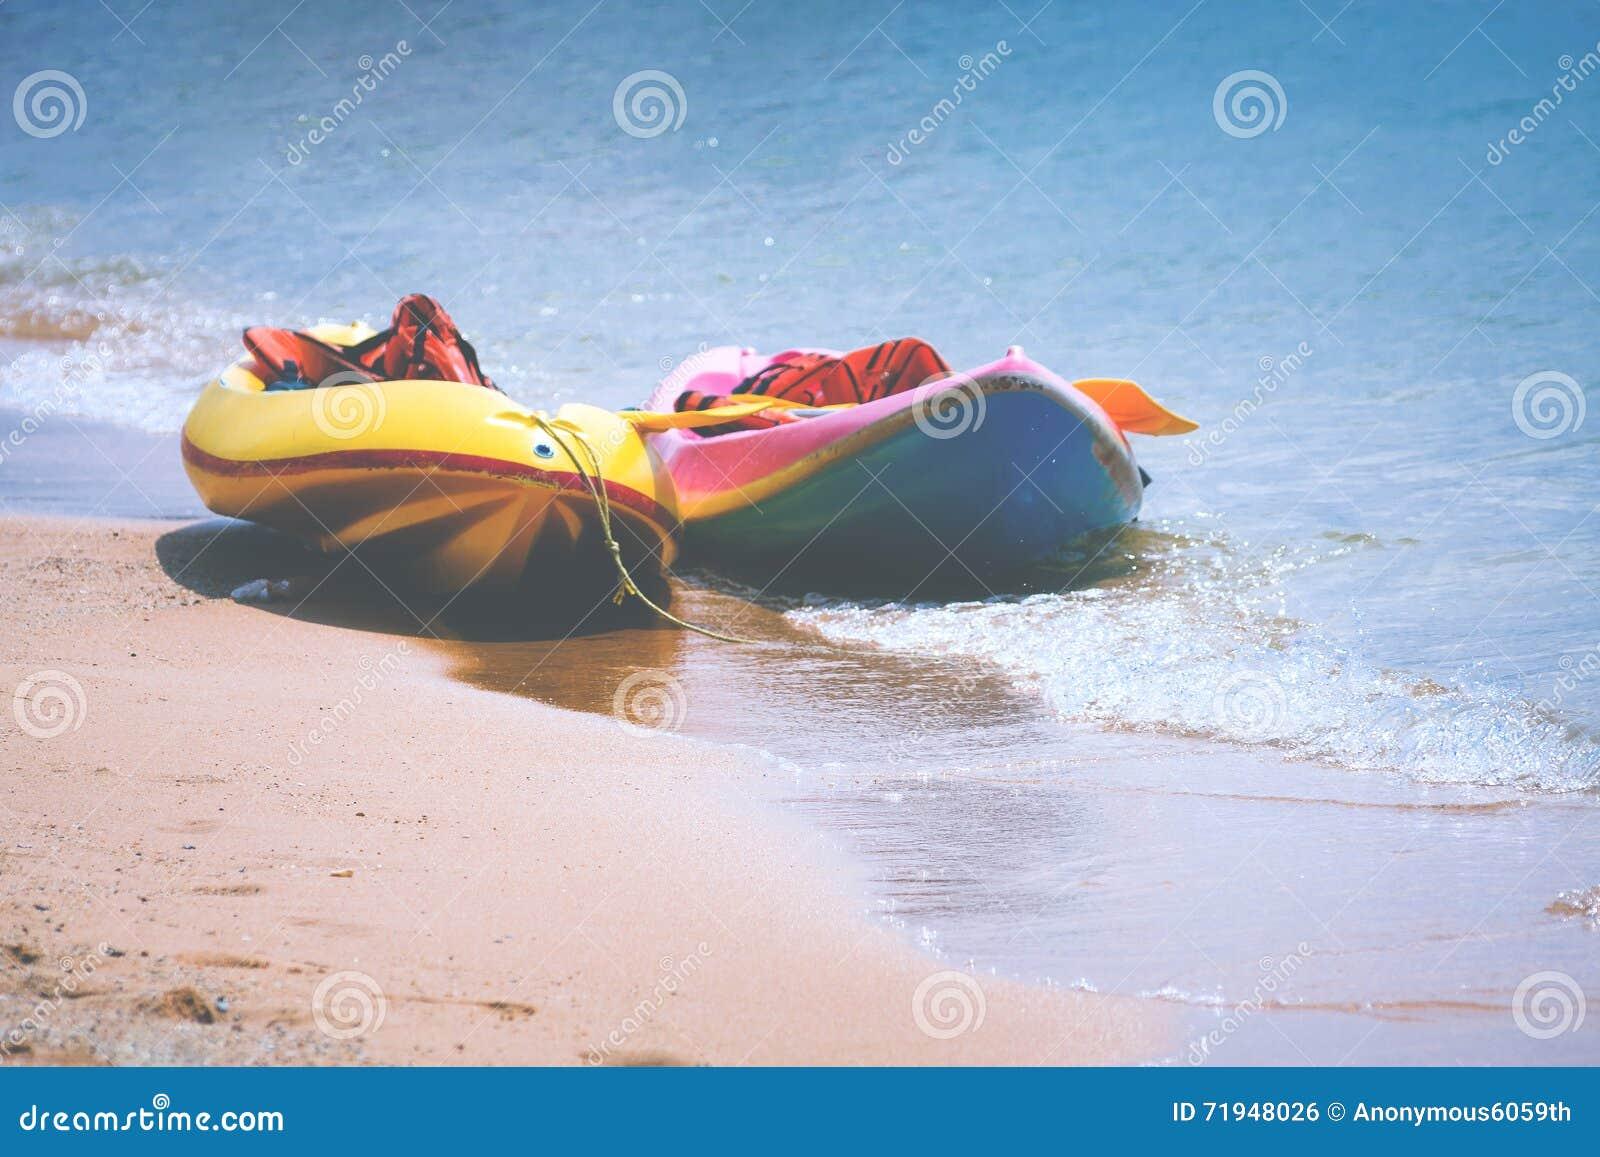 Каяки на песчаном пляже